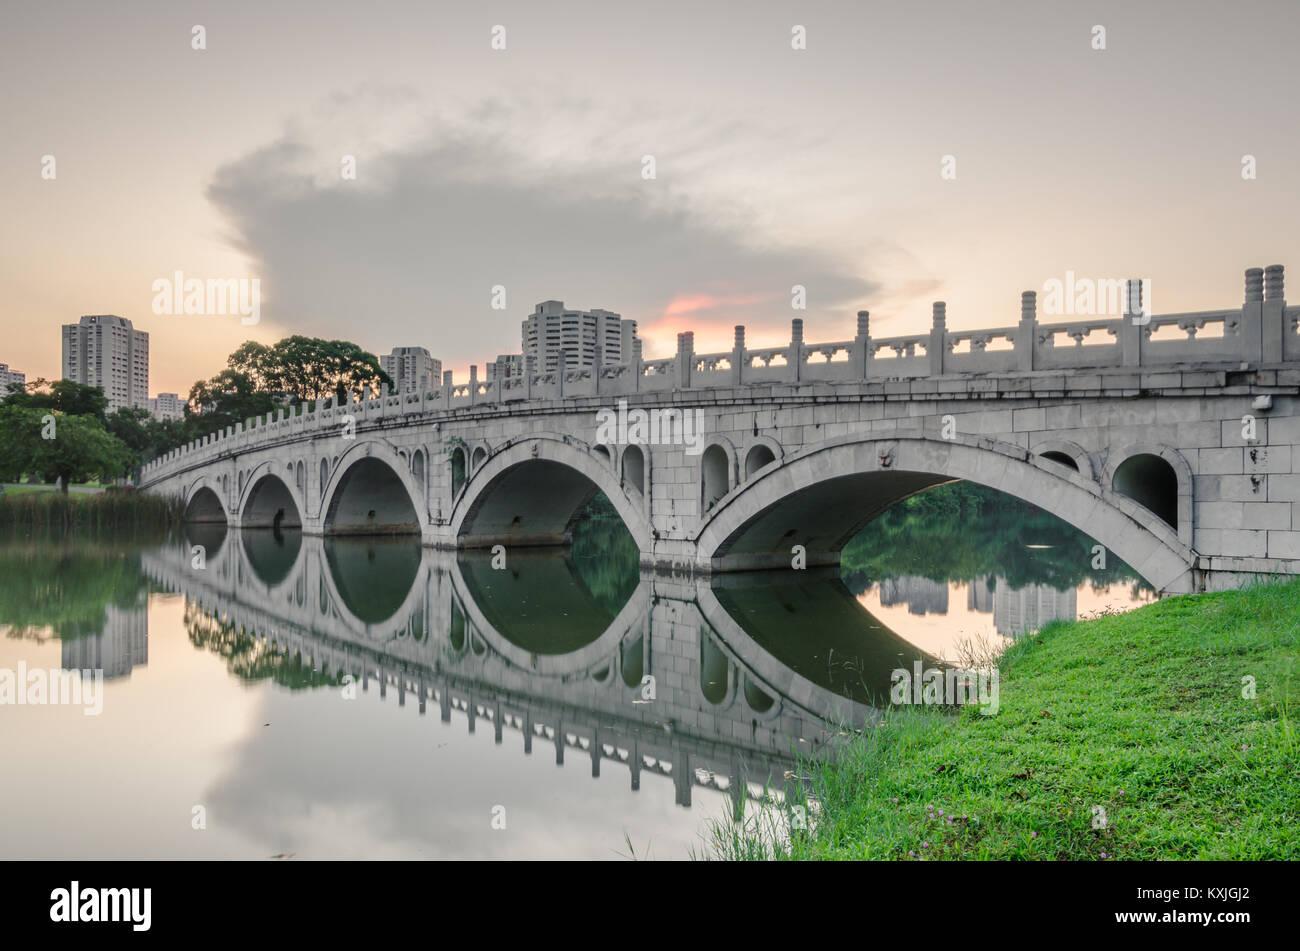 Die Brücke, die das Chinesische Garten, Japanischer Garten Inseln ...